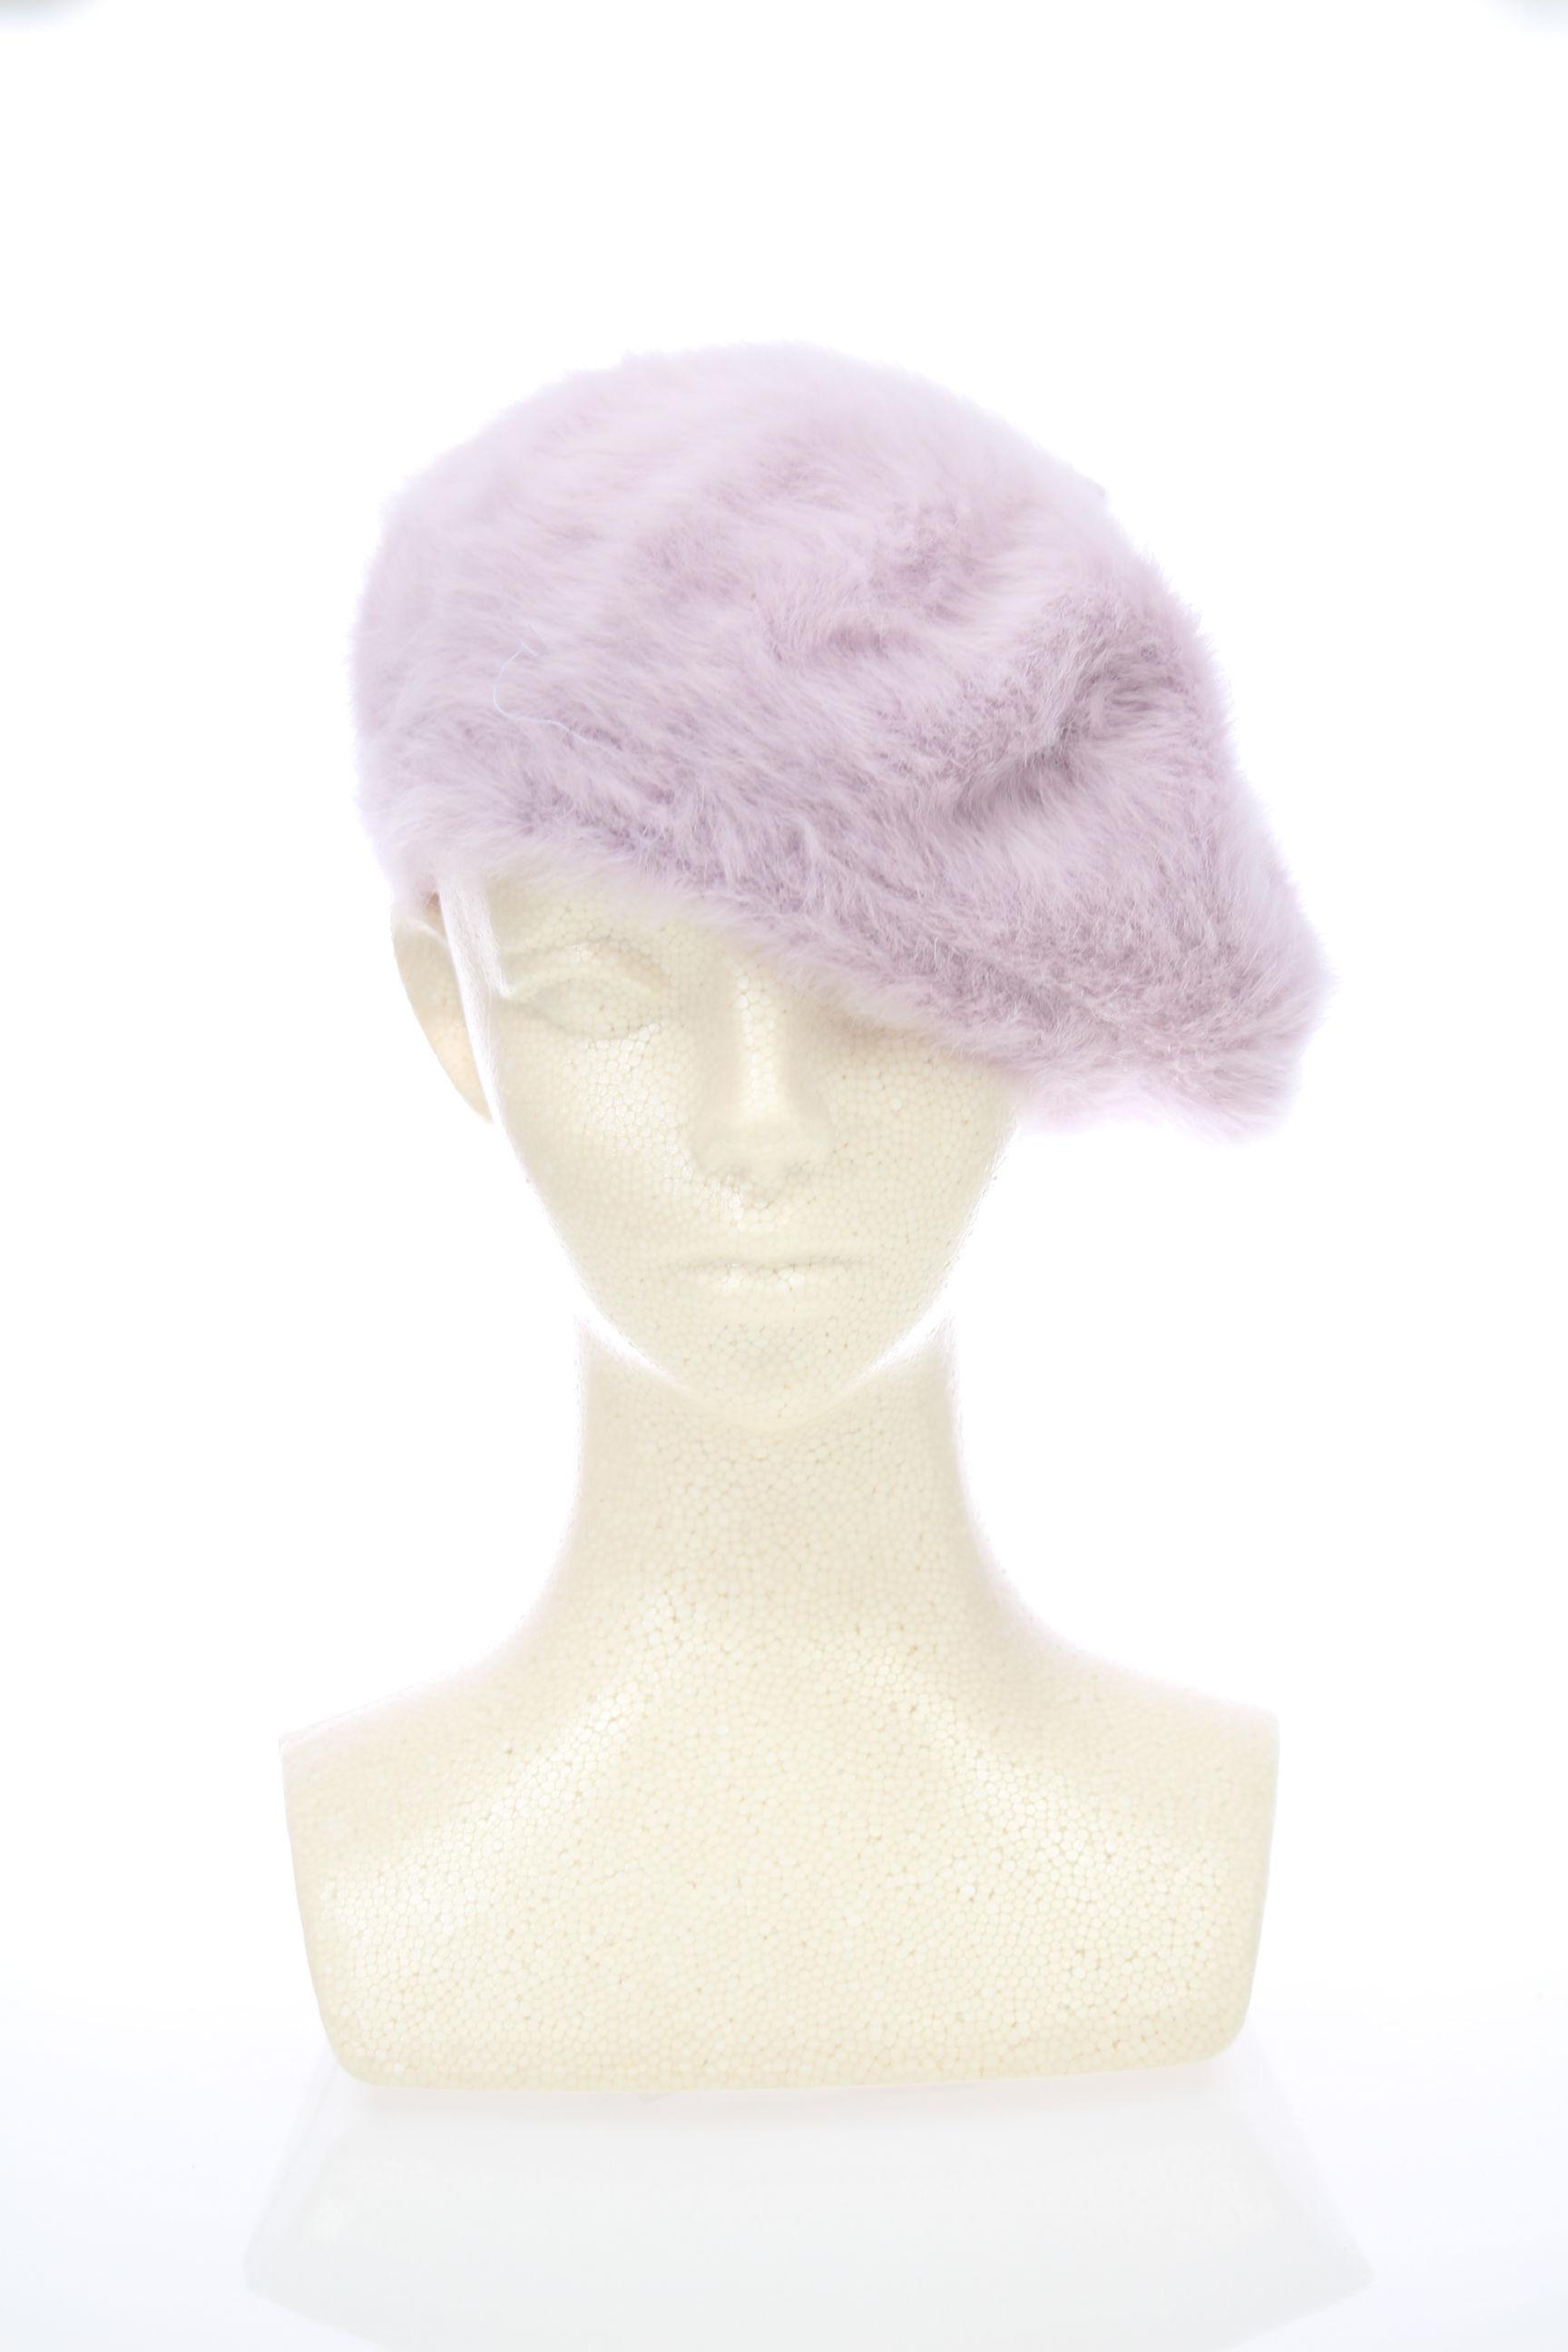 ふわふわベレー帽【くすみピンク】